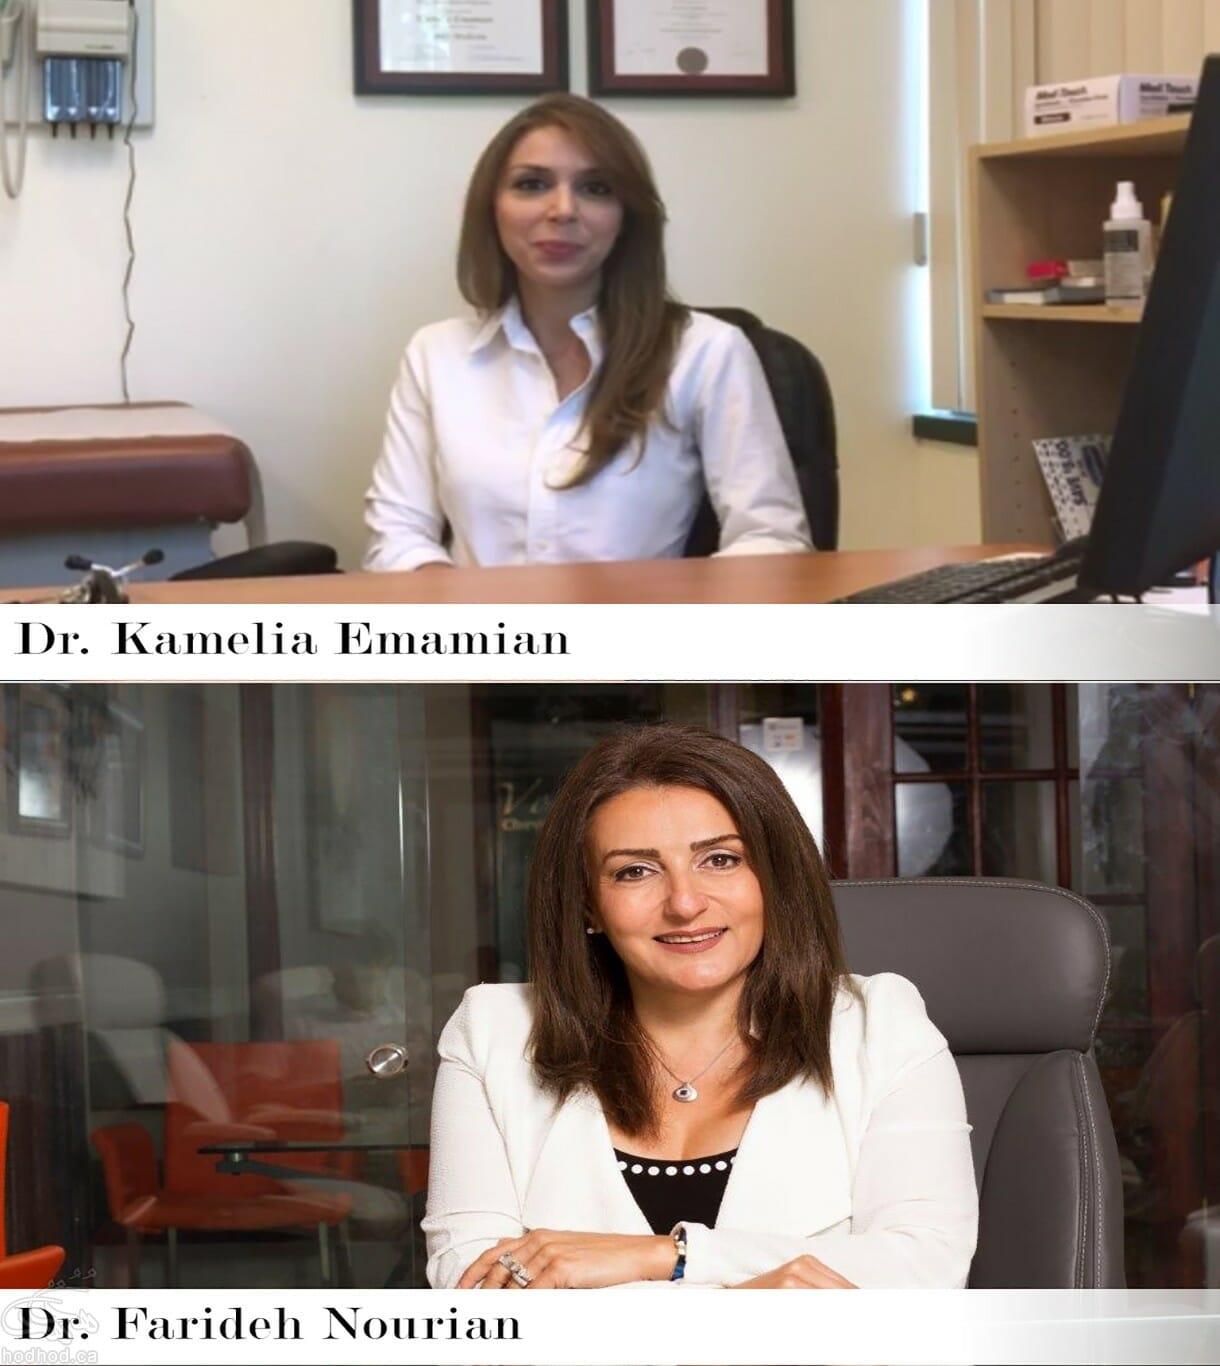 با دکتر فریده نوریان و دکتر کاملیا امامیان در بخش سوم گزارش گردهمایی متخصصان استان کبک